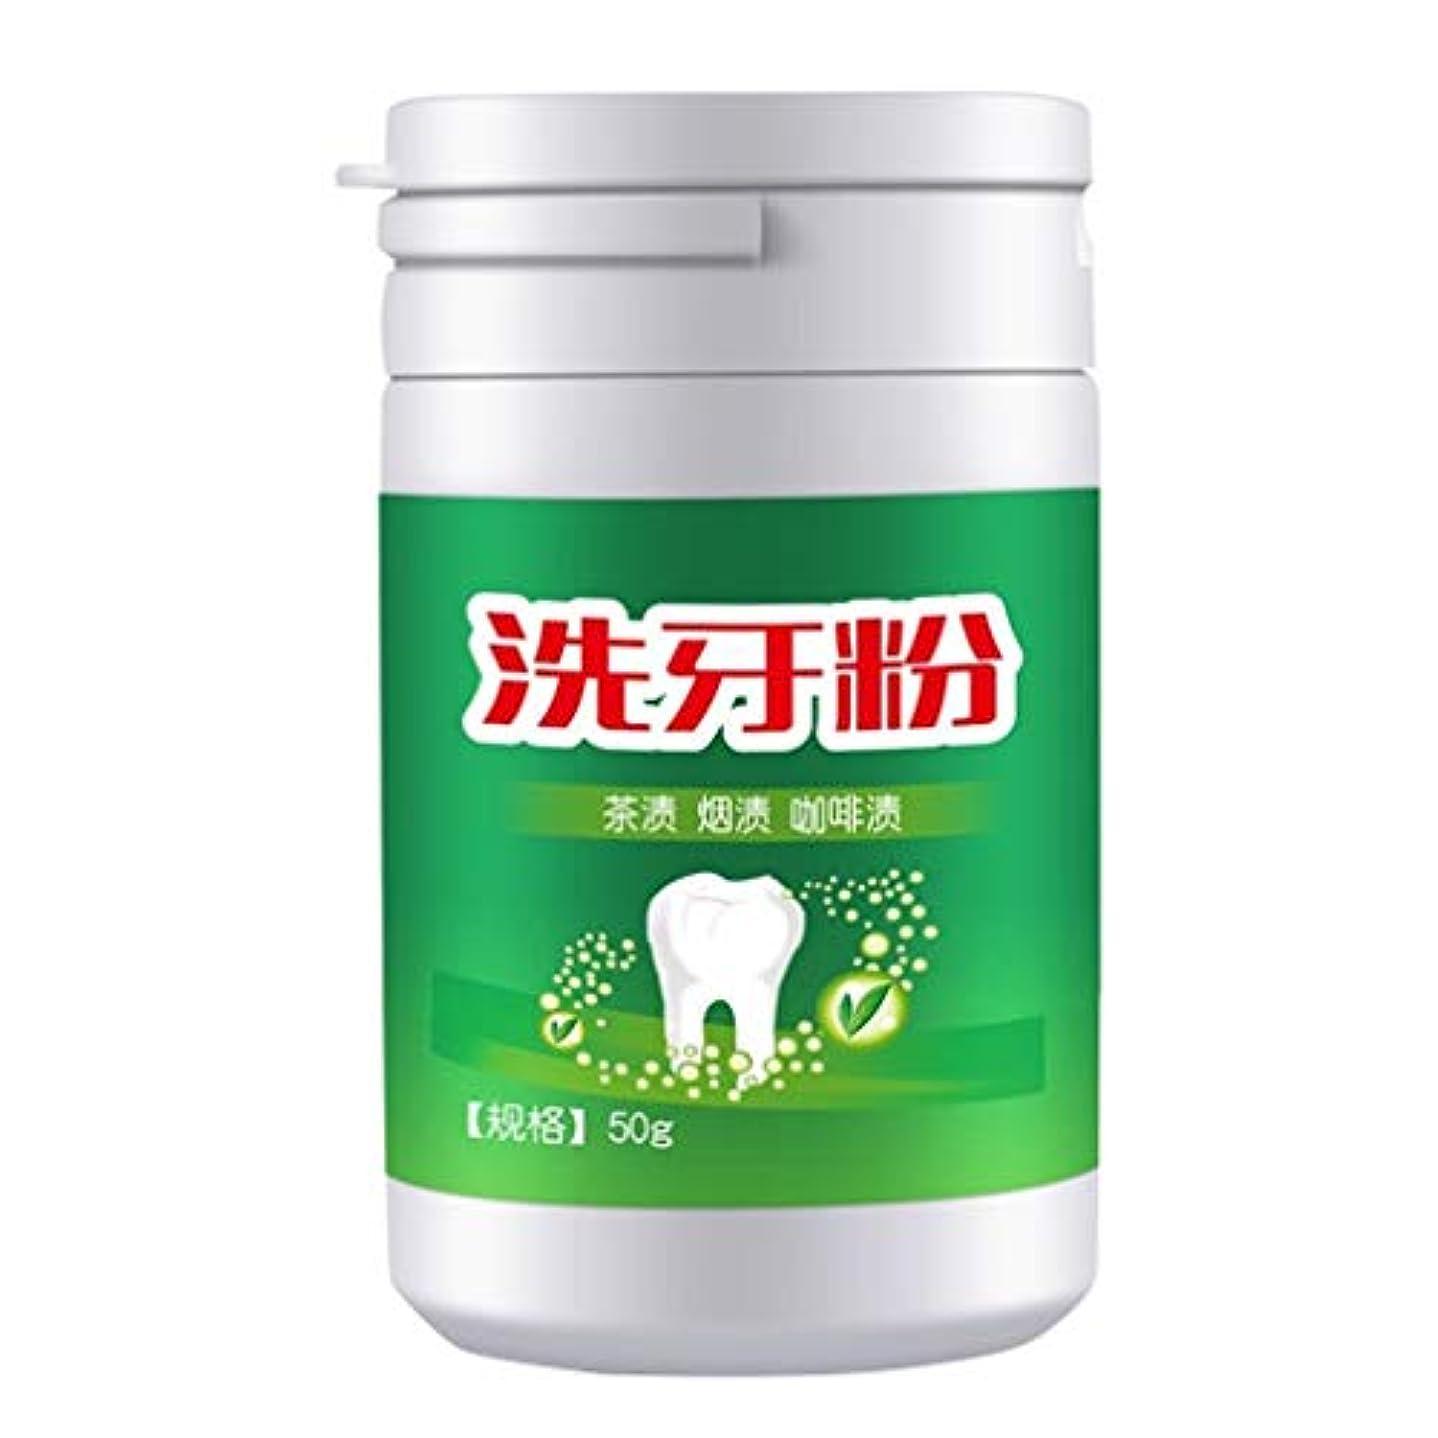 エクスタシー害虫ライセンスKOROWA 歯磨き粉 ステイン リムーバー 口腔衛生 ヘルス ケア ツール 喫煙を使用し 毎日イエロー ホワイトニング パウダープラーク